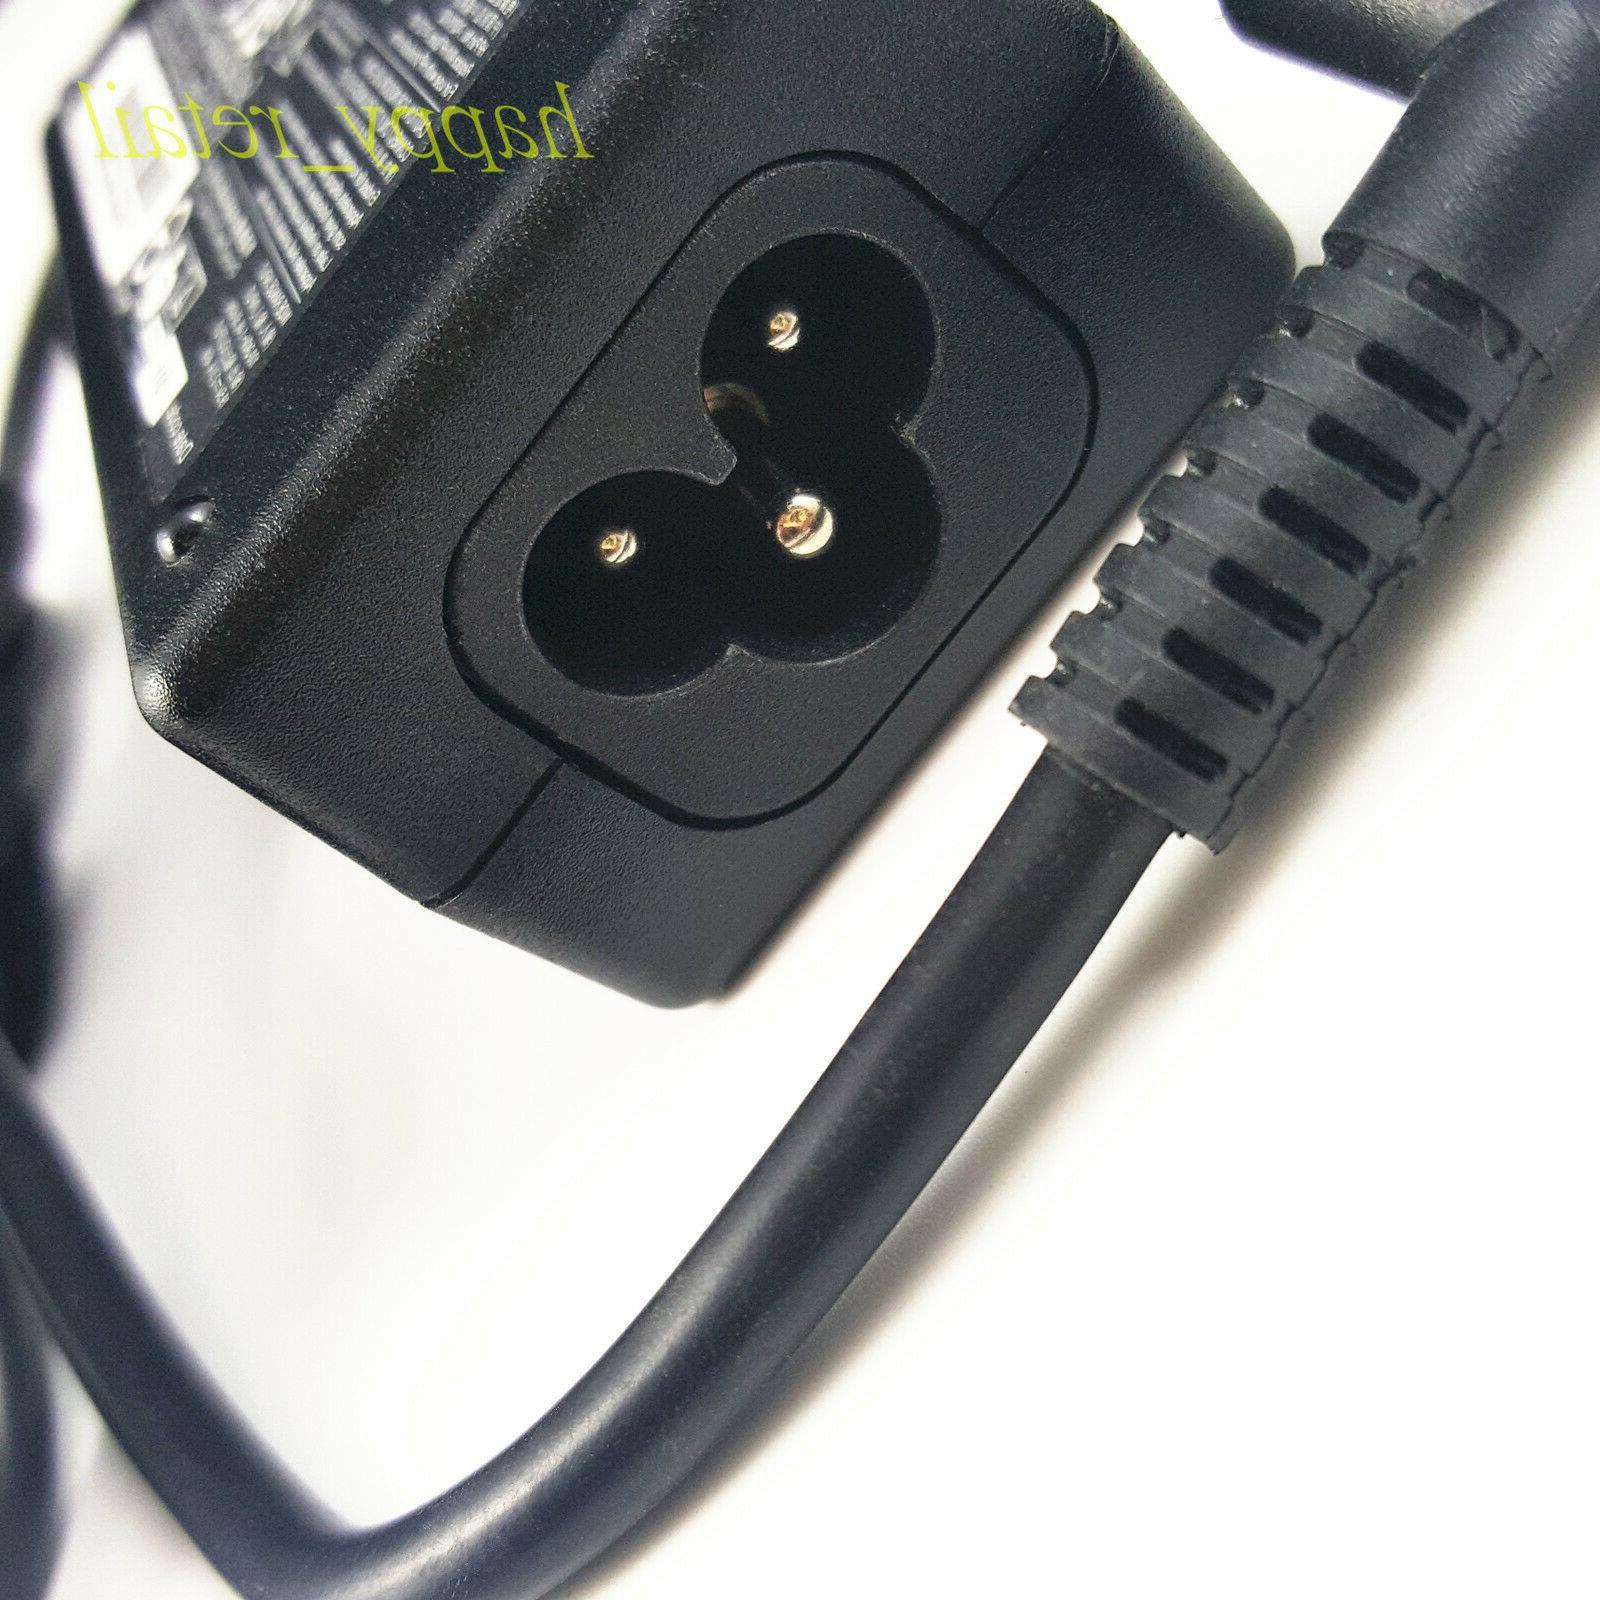 OEM AC 45W 19.5V Supply